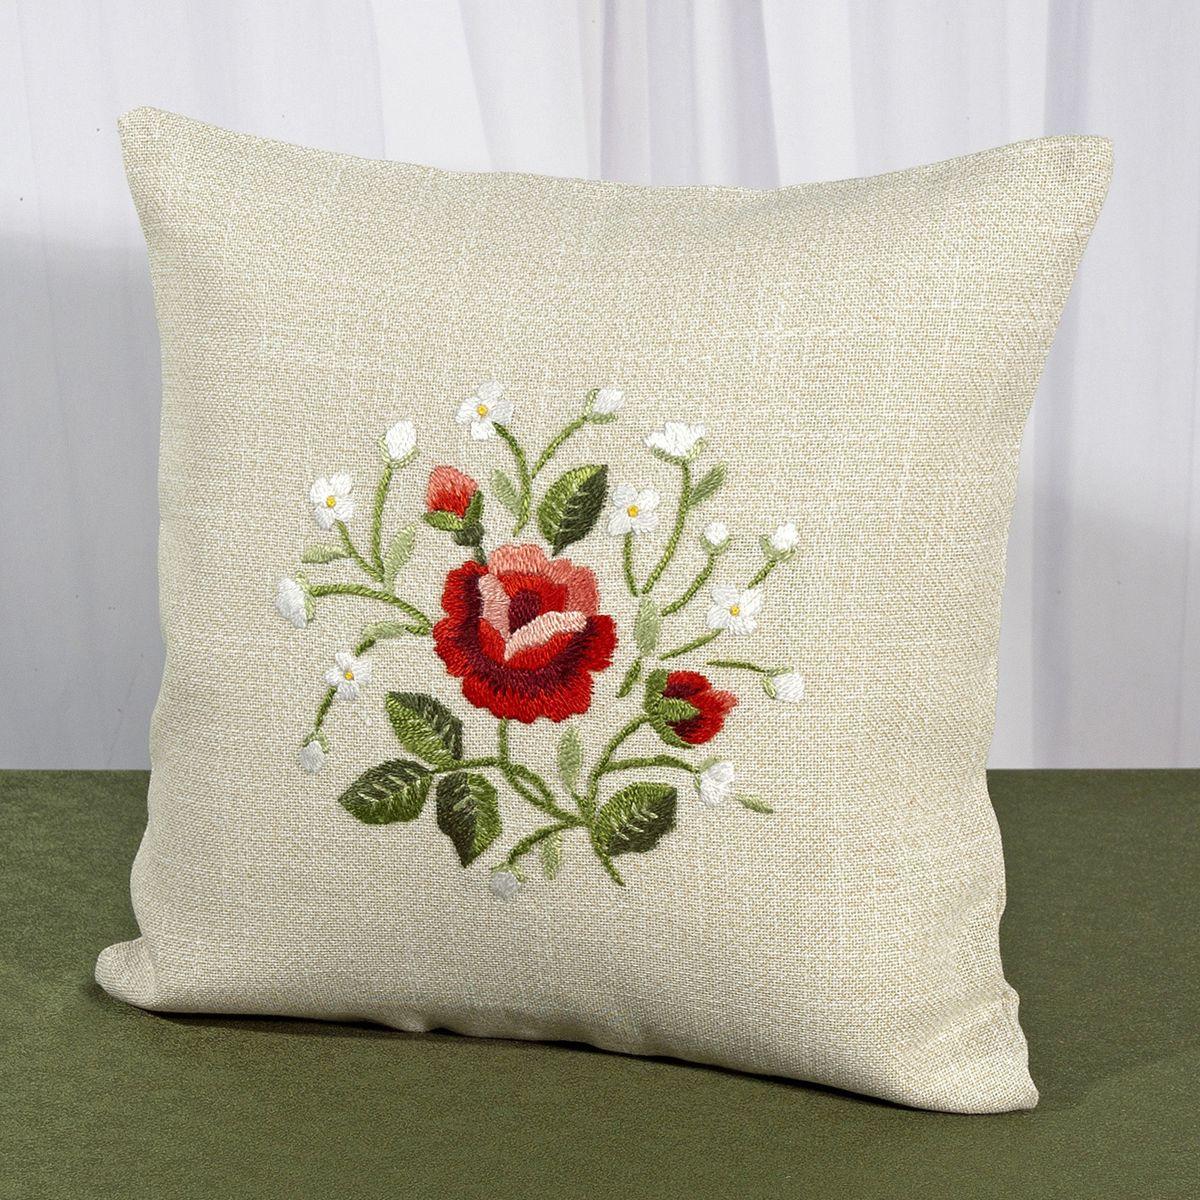 Наволочка декоративная Schaefer, цвет: бежевый, красный, 40 х 40 см 6400/390-40*401092029Великолепная наволочка Schaefer выполнена из полиэстера, имитирующего натуральный лен. С задней стороны имеется потайная молния. Вышитые вручную розы в ярких тонах создают атмосферу домашнего уюта. Такая наволочка станет в вашем доме изысканным украшением, которое можно передавать из поколения в поколение!Вещи из полиэстера легко стирать: они не мнутся, не садятся и быстро сохнут, они более долговечны, чем изделия из натуральных волокон.